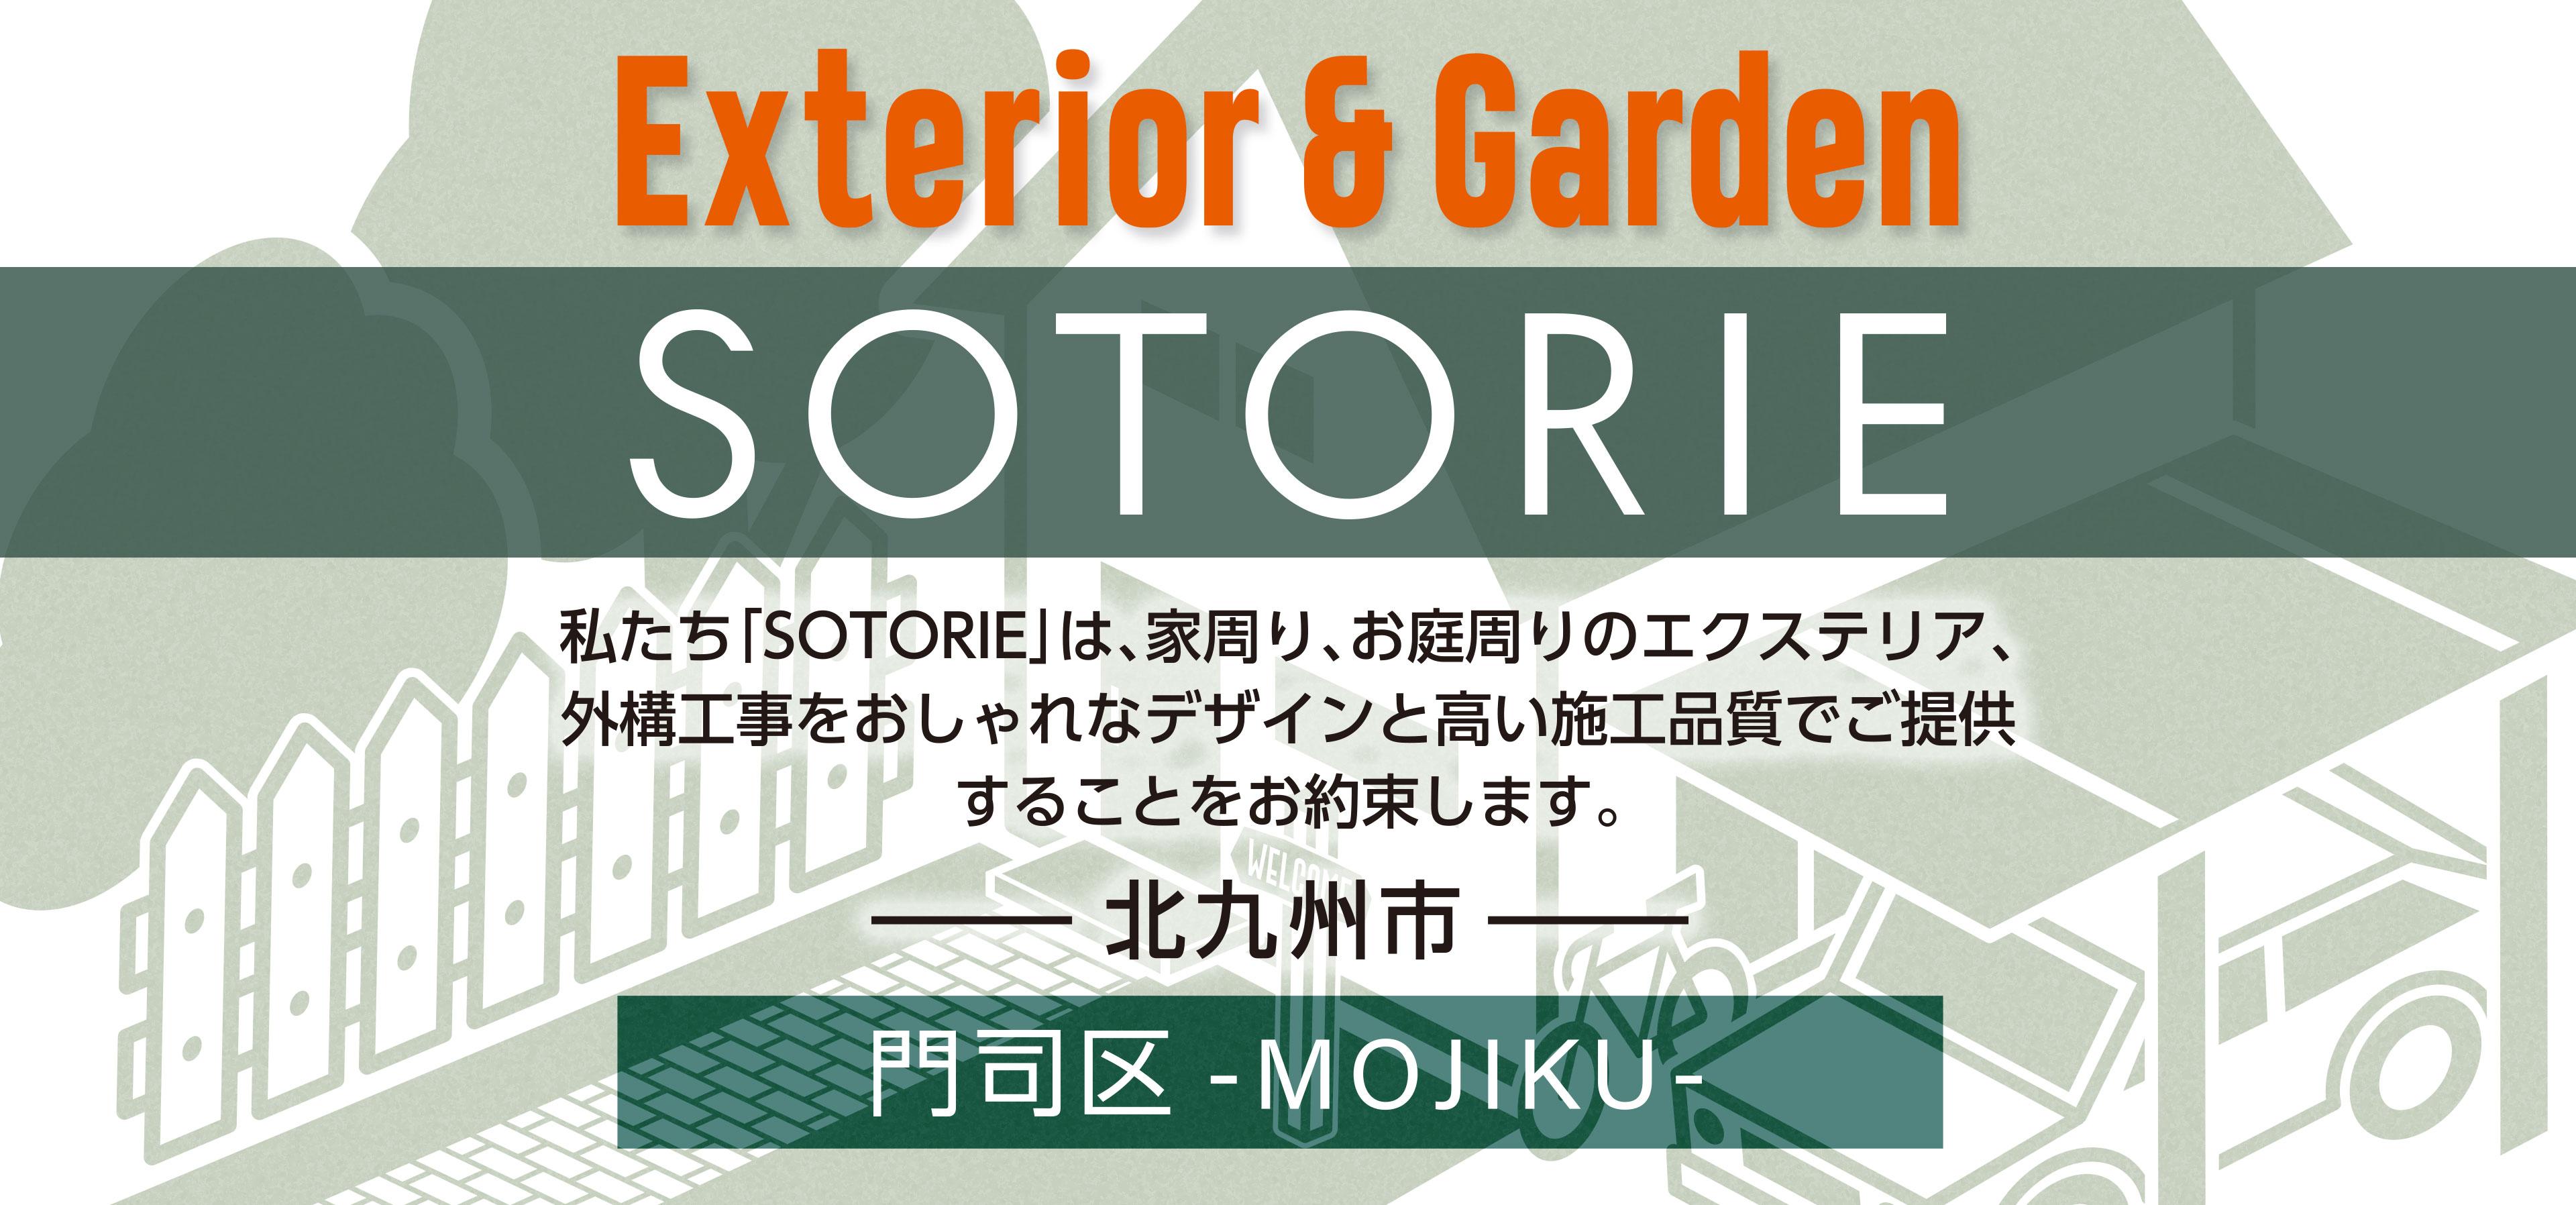 ソトリエ北九州市門司区では、家周りと庭周りの外構、エクステリア工事をおしゃれなデザインと高い施工品質でご提供することをお約束します。